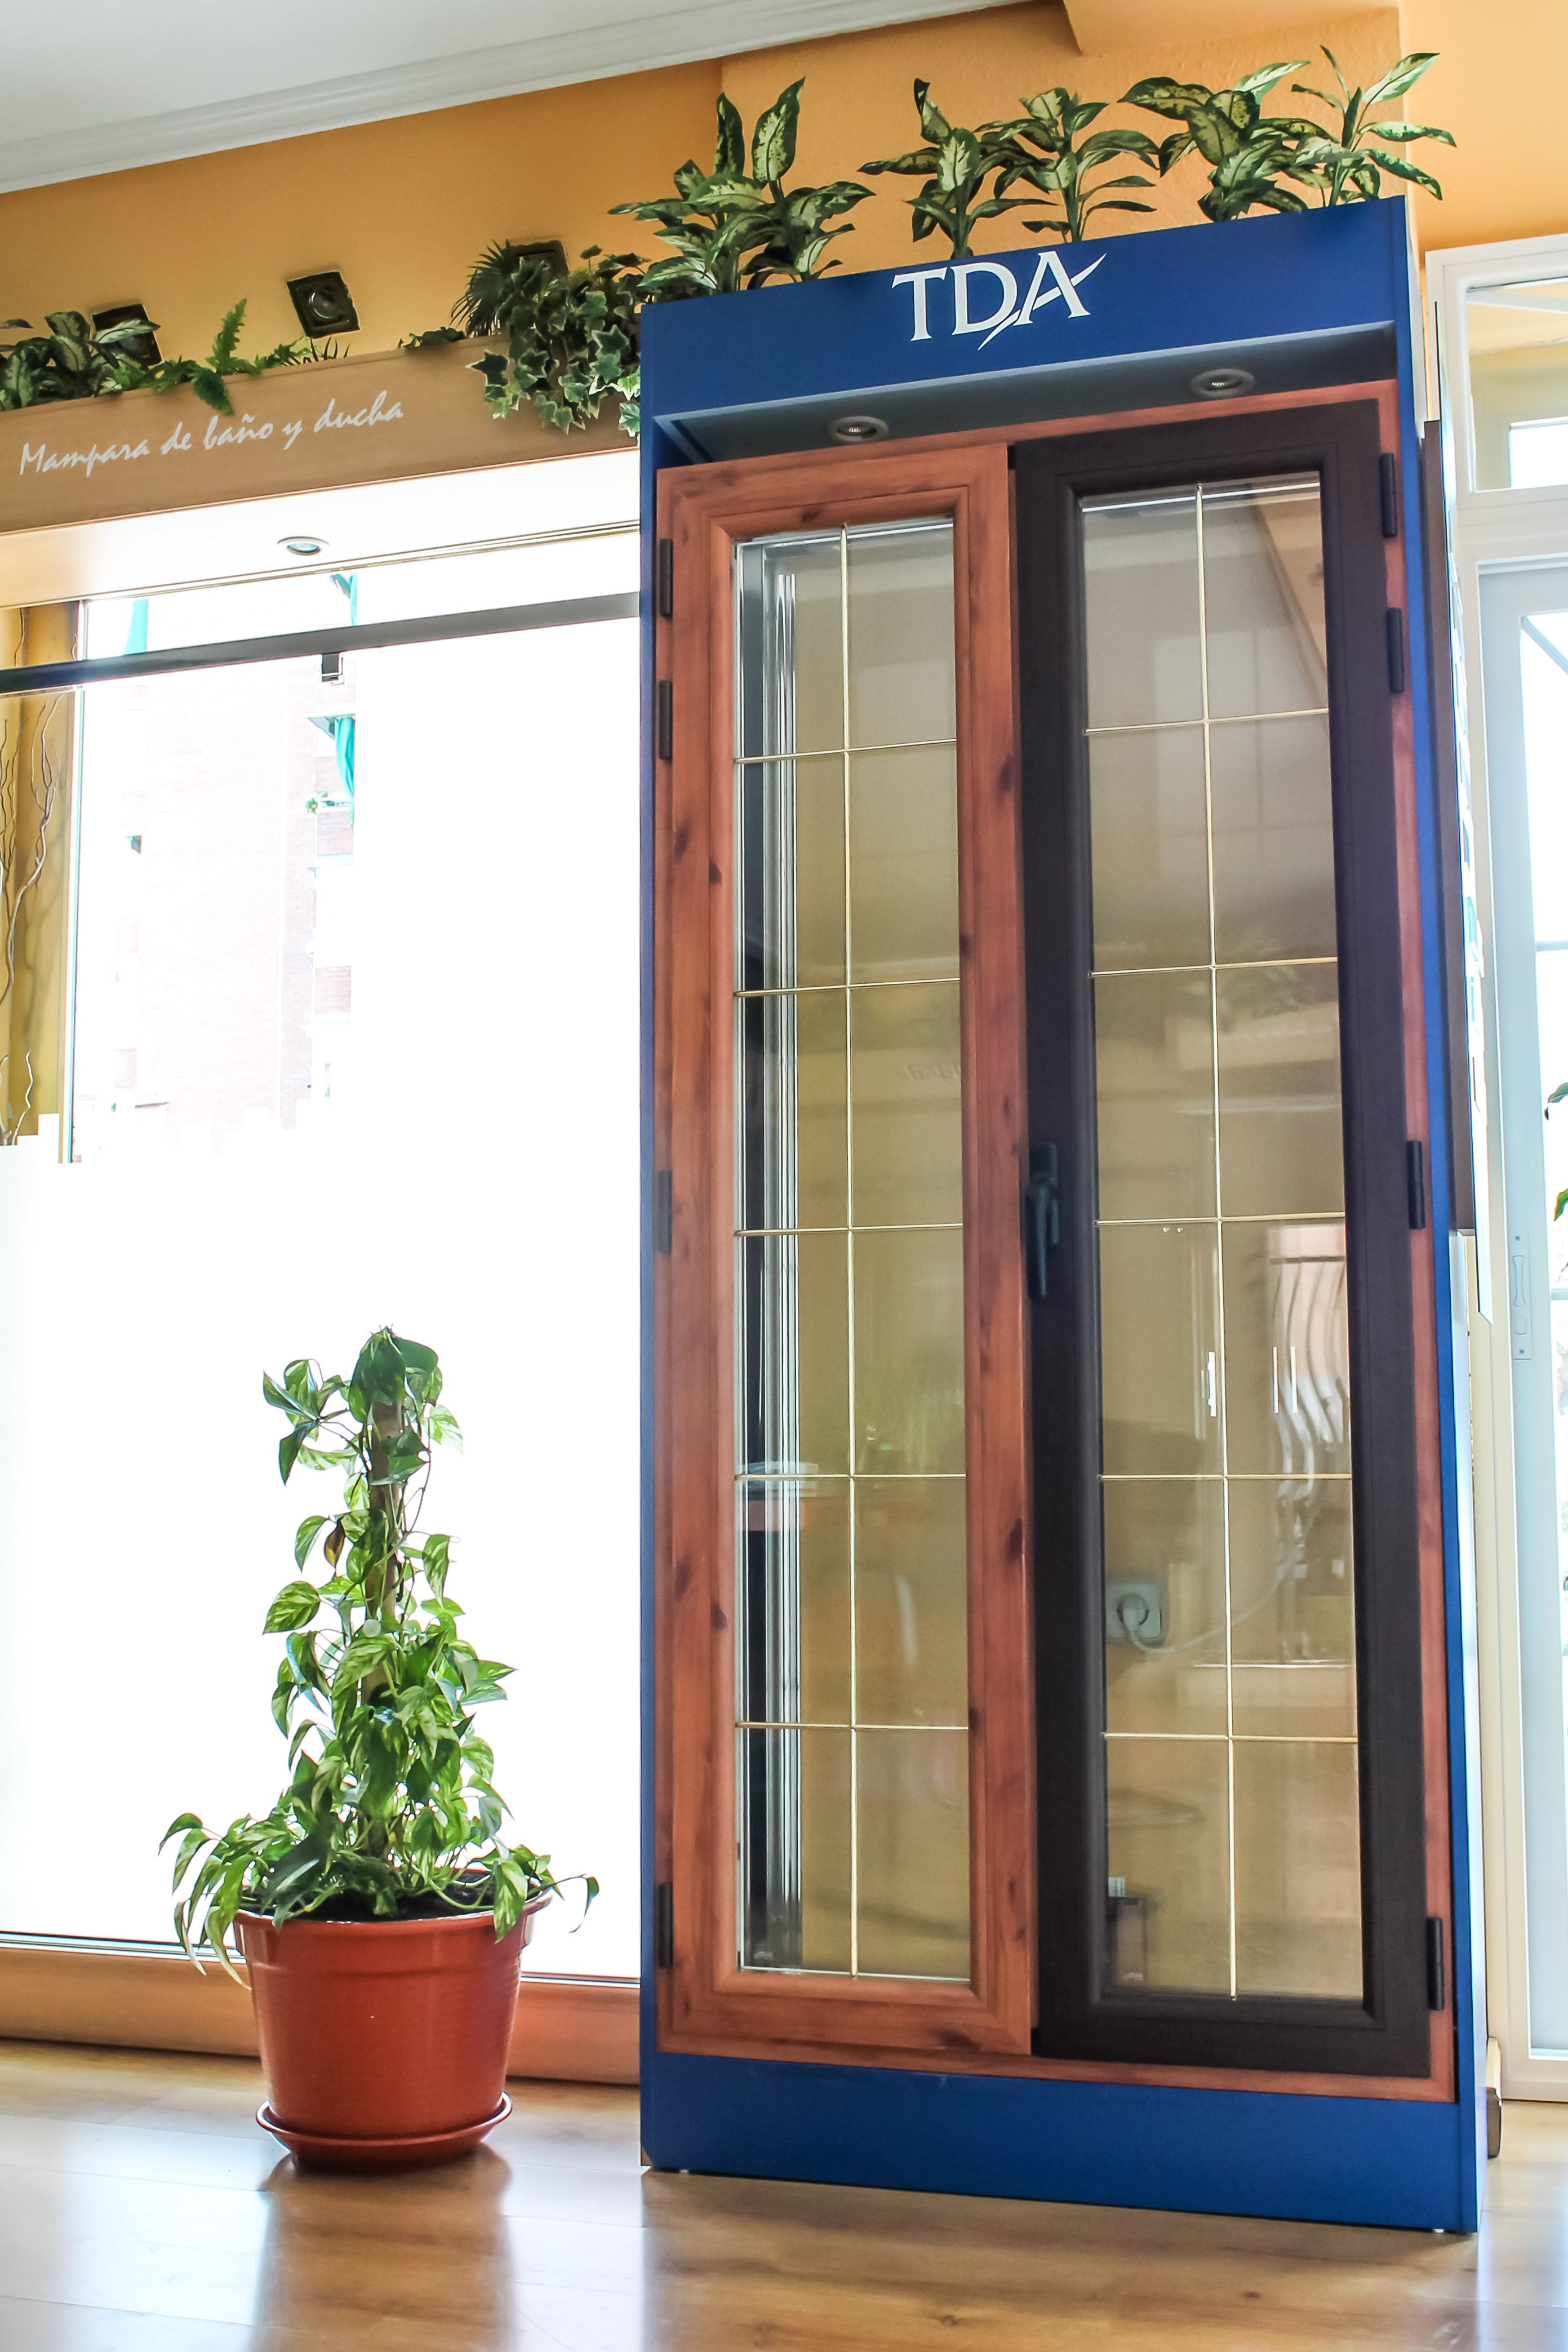 Foto 5 de carpinter a de aluminio met lica y pvc en - Carpinteria leganes ...